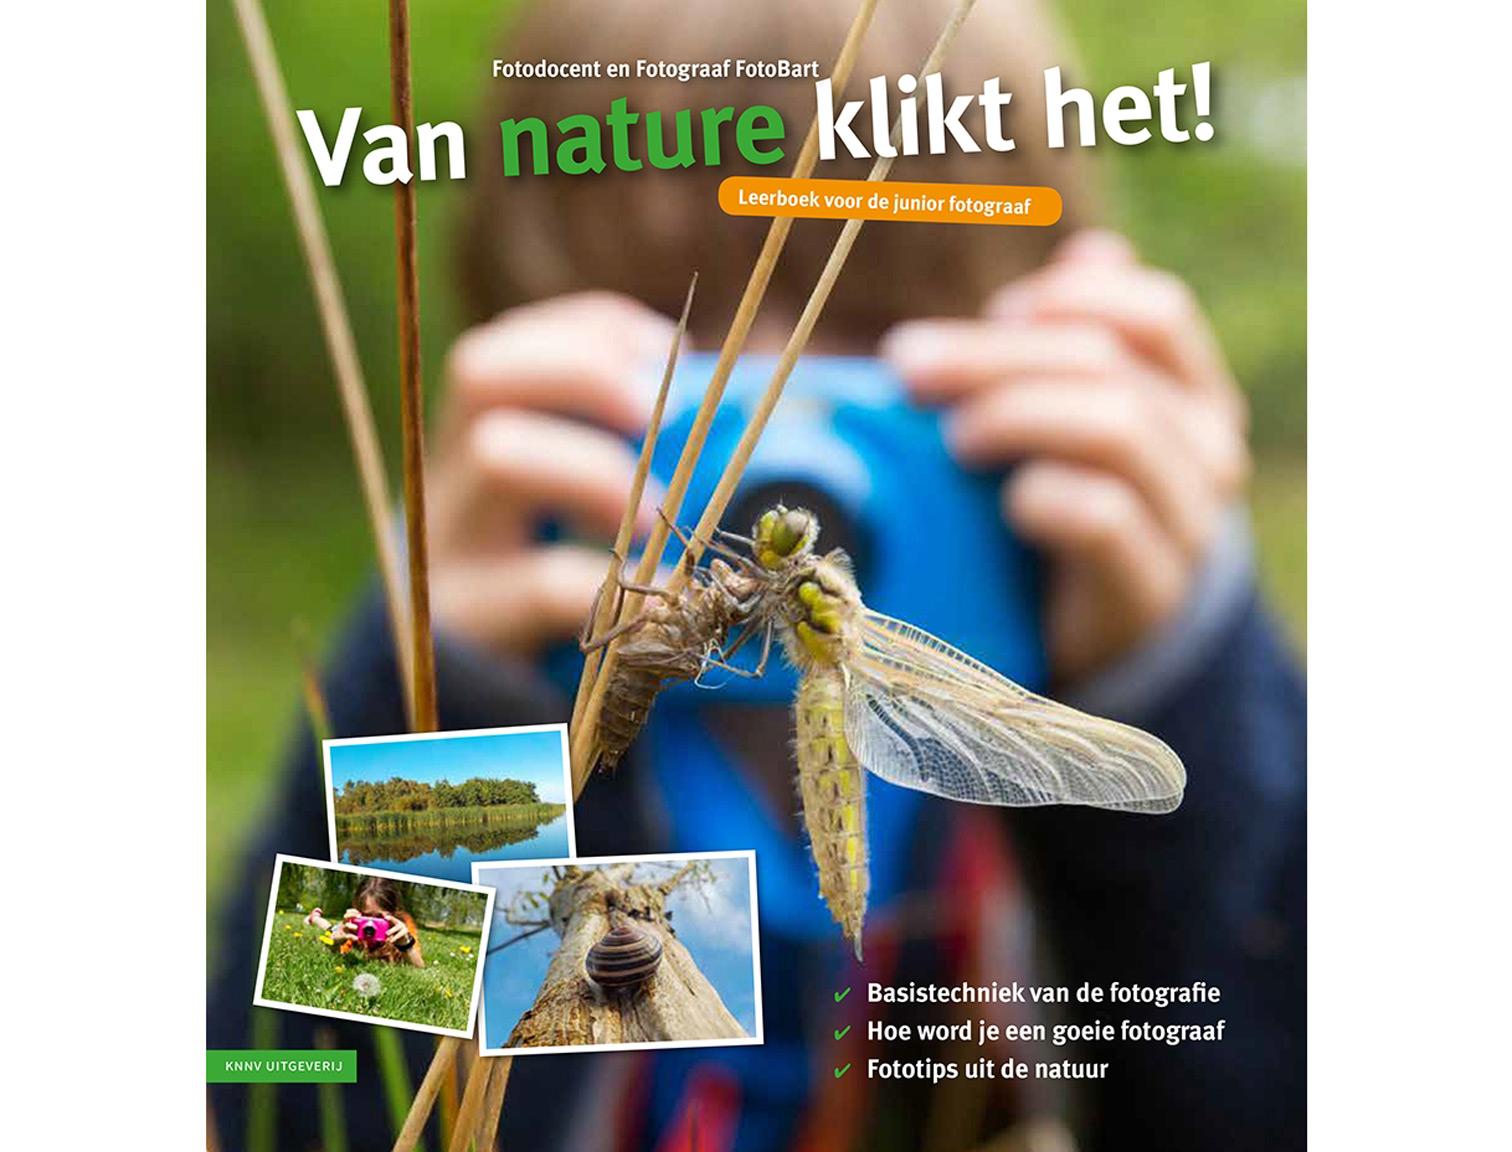 van_nature_klikt_het!